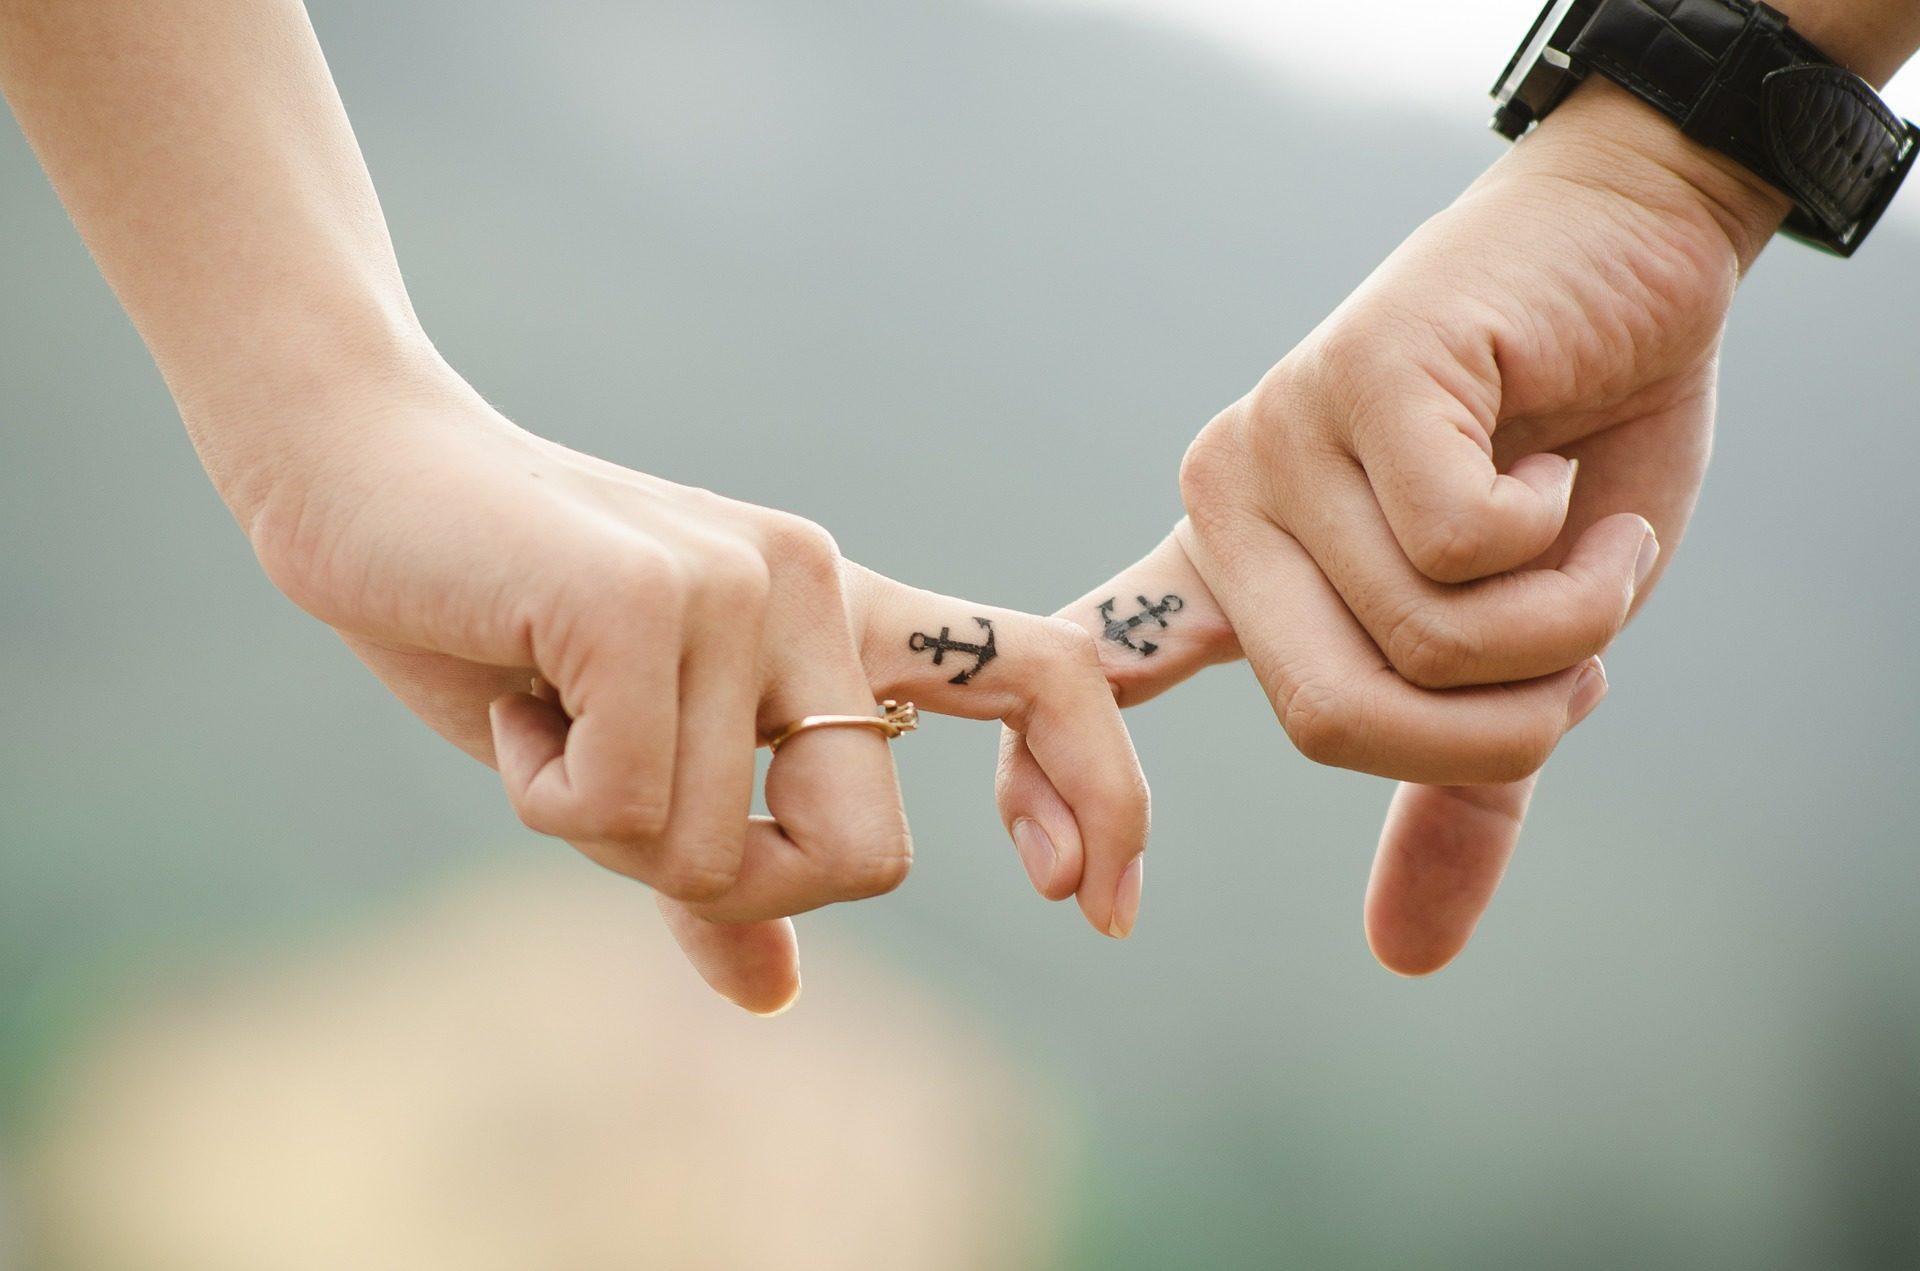 手, 指, 入れ墨, リンク, アンカー, 愛 - HD の壁紙 - 教授-falken.com